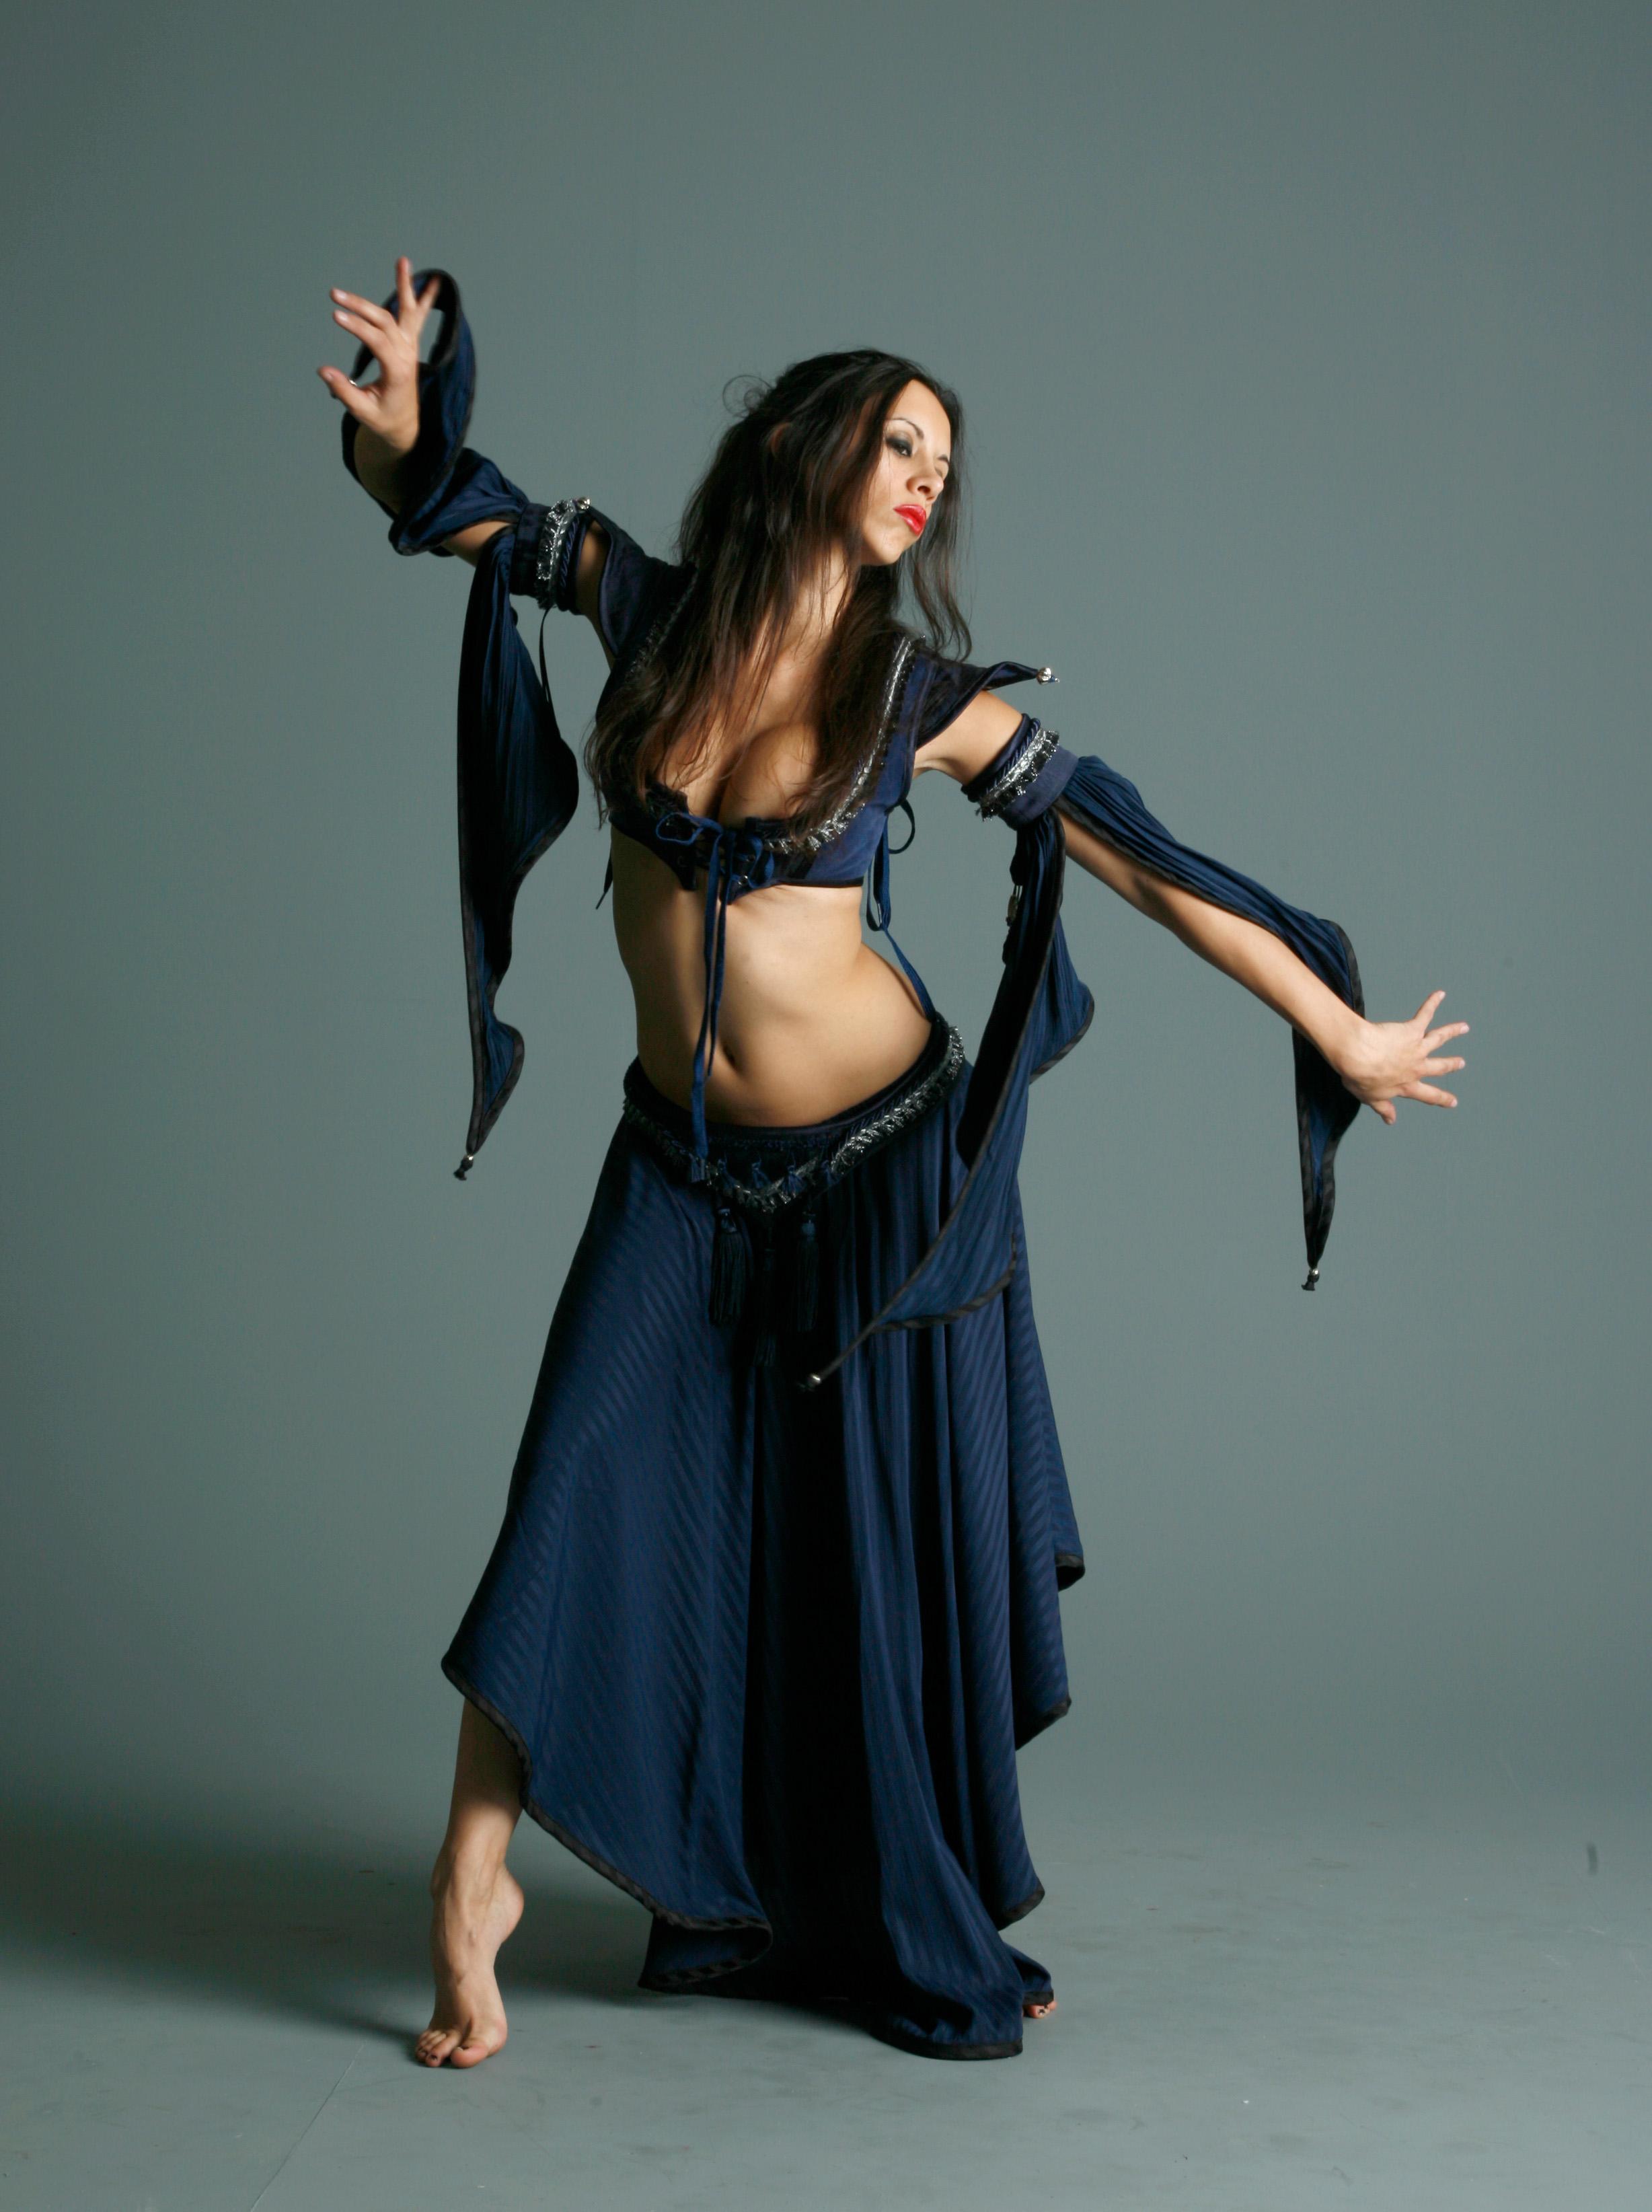 Desert Dancer - 15 by mjranum-stock